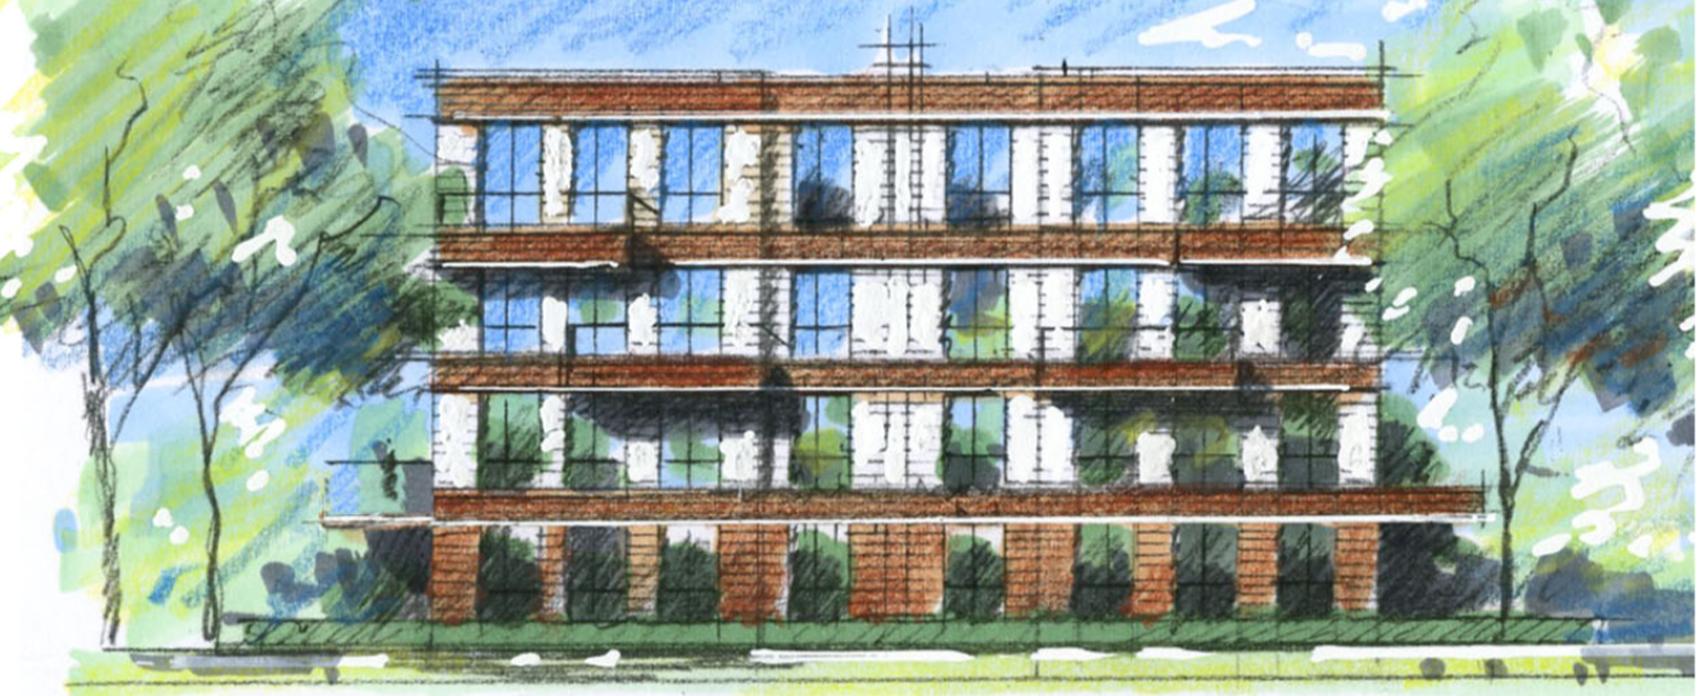 appartementen - In het groen worden drie appartementenblokjes gerealiseerd met per gebouw 15 appartementen, variërend in grootte van ca. 78 m2 t/m ca. 92 m2 GBO.In één van deze blokjes zullen huurappartementen in het middeldure segment worden gerealiseerd. Wie deze appartementen gaat verhuren is nog niet bekend.